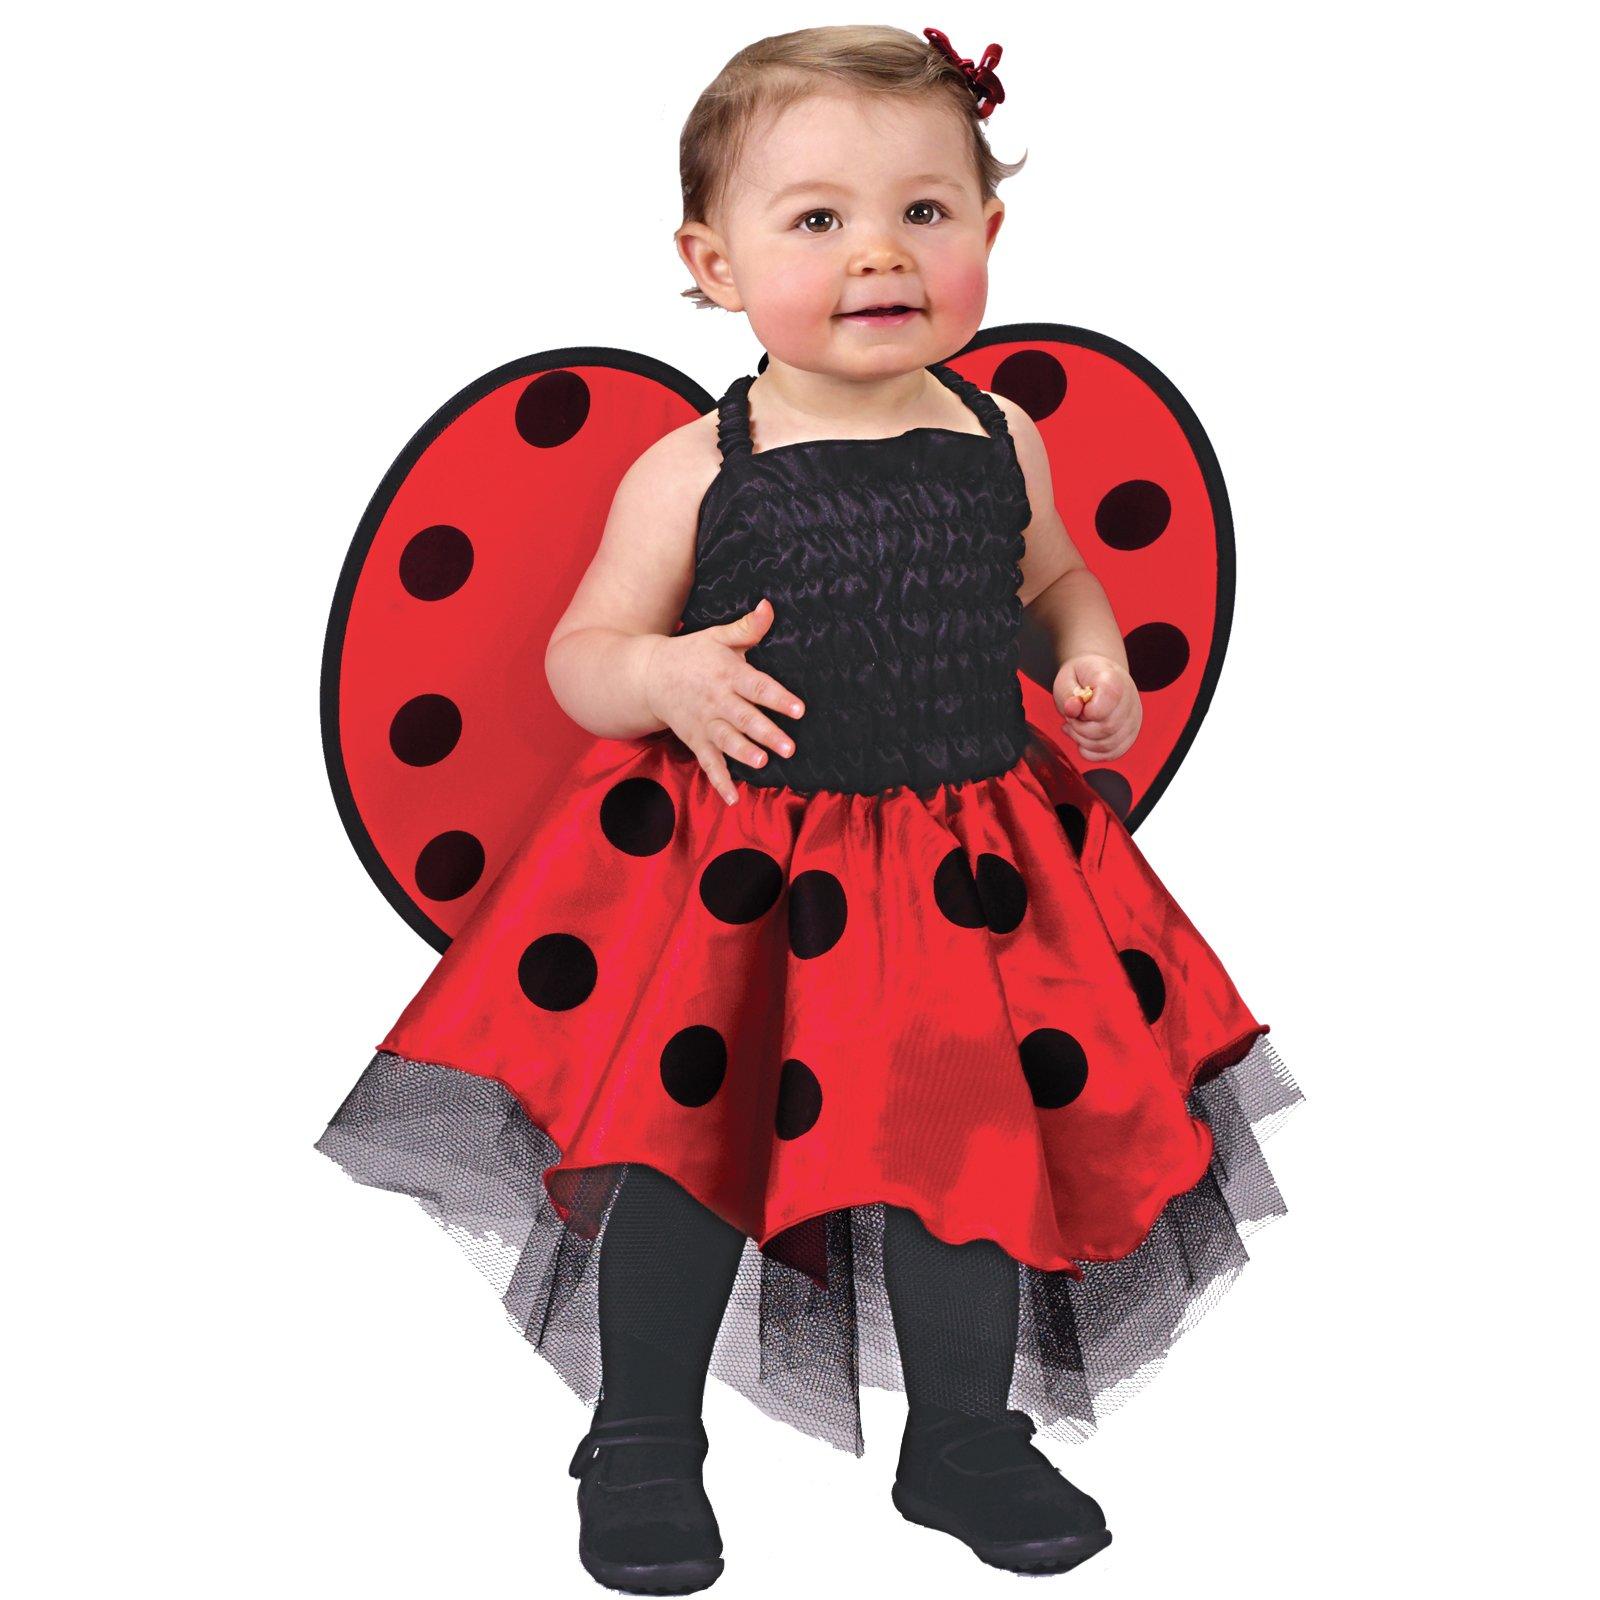 ladybug halloween costume ladybug baby girl costume lady bug baby tutu romper ladybug halloween girl costume ladybug girl halloween outfit